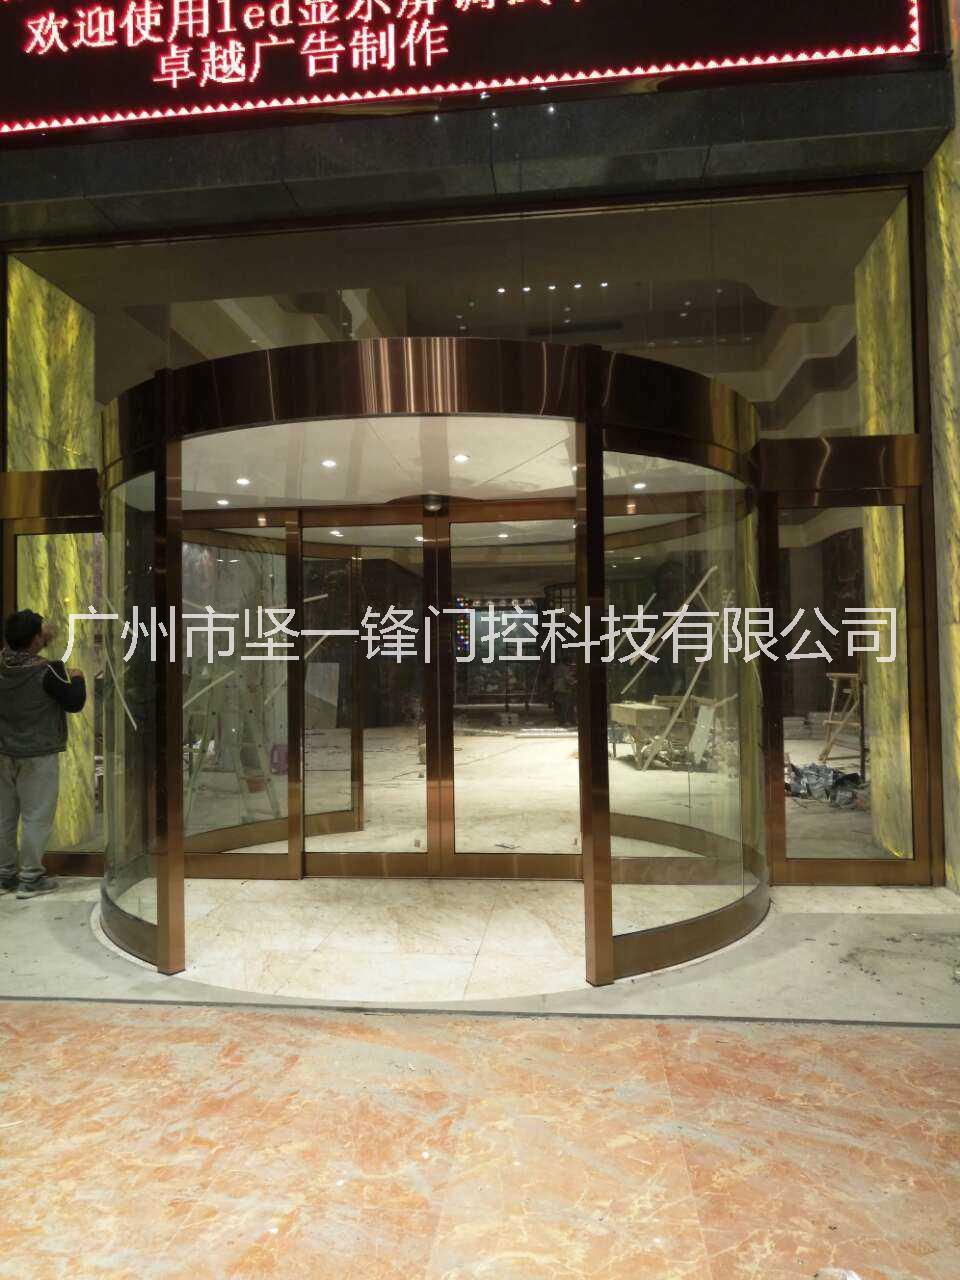 自动感应门价格、按照、定制【广州市坚一锋门控科技有限公司】